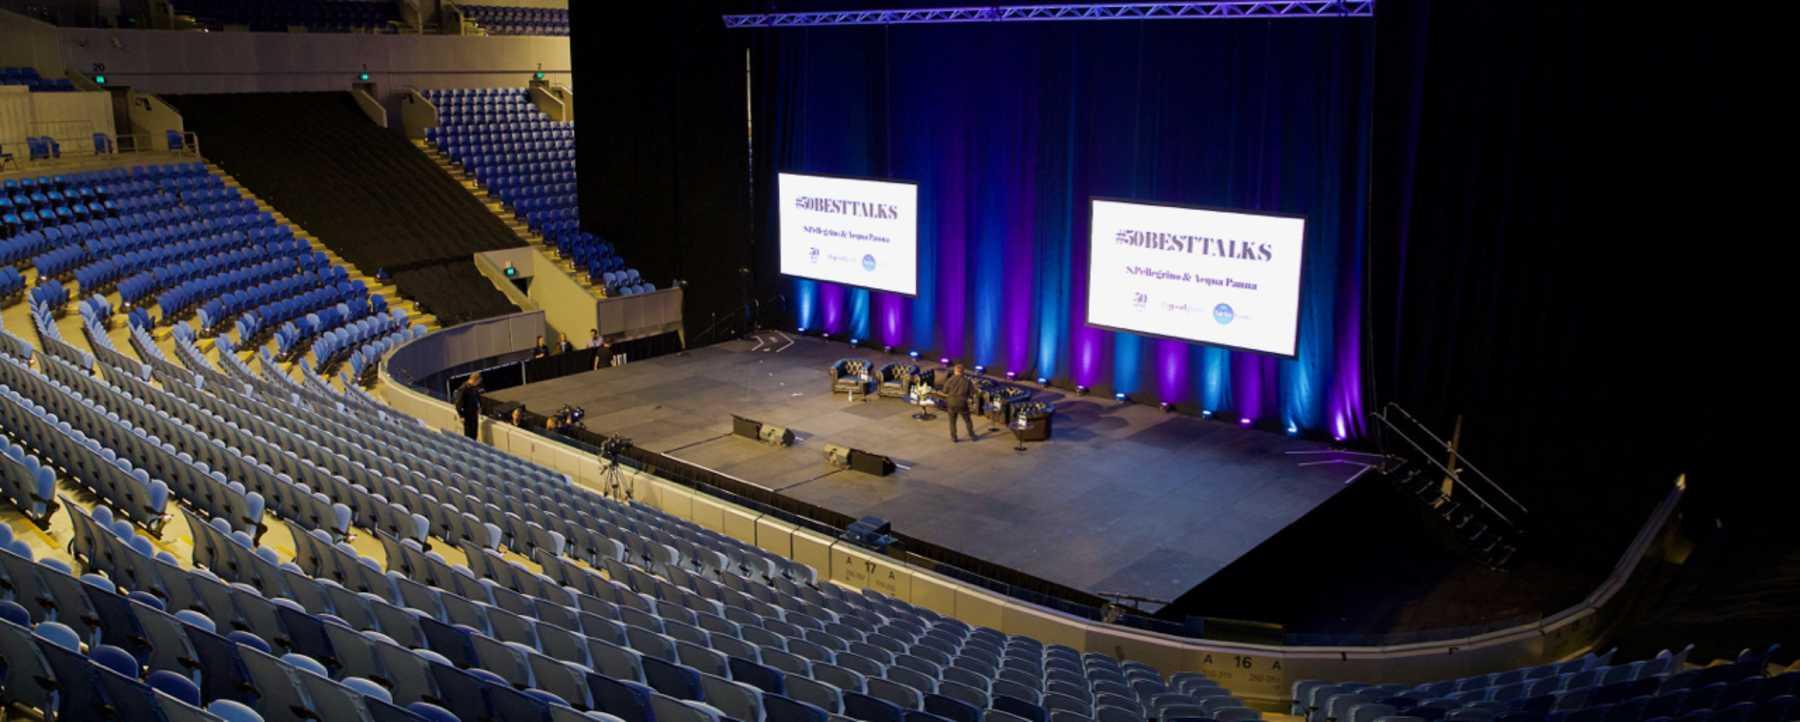 Auditorium at Margaret Court Arena